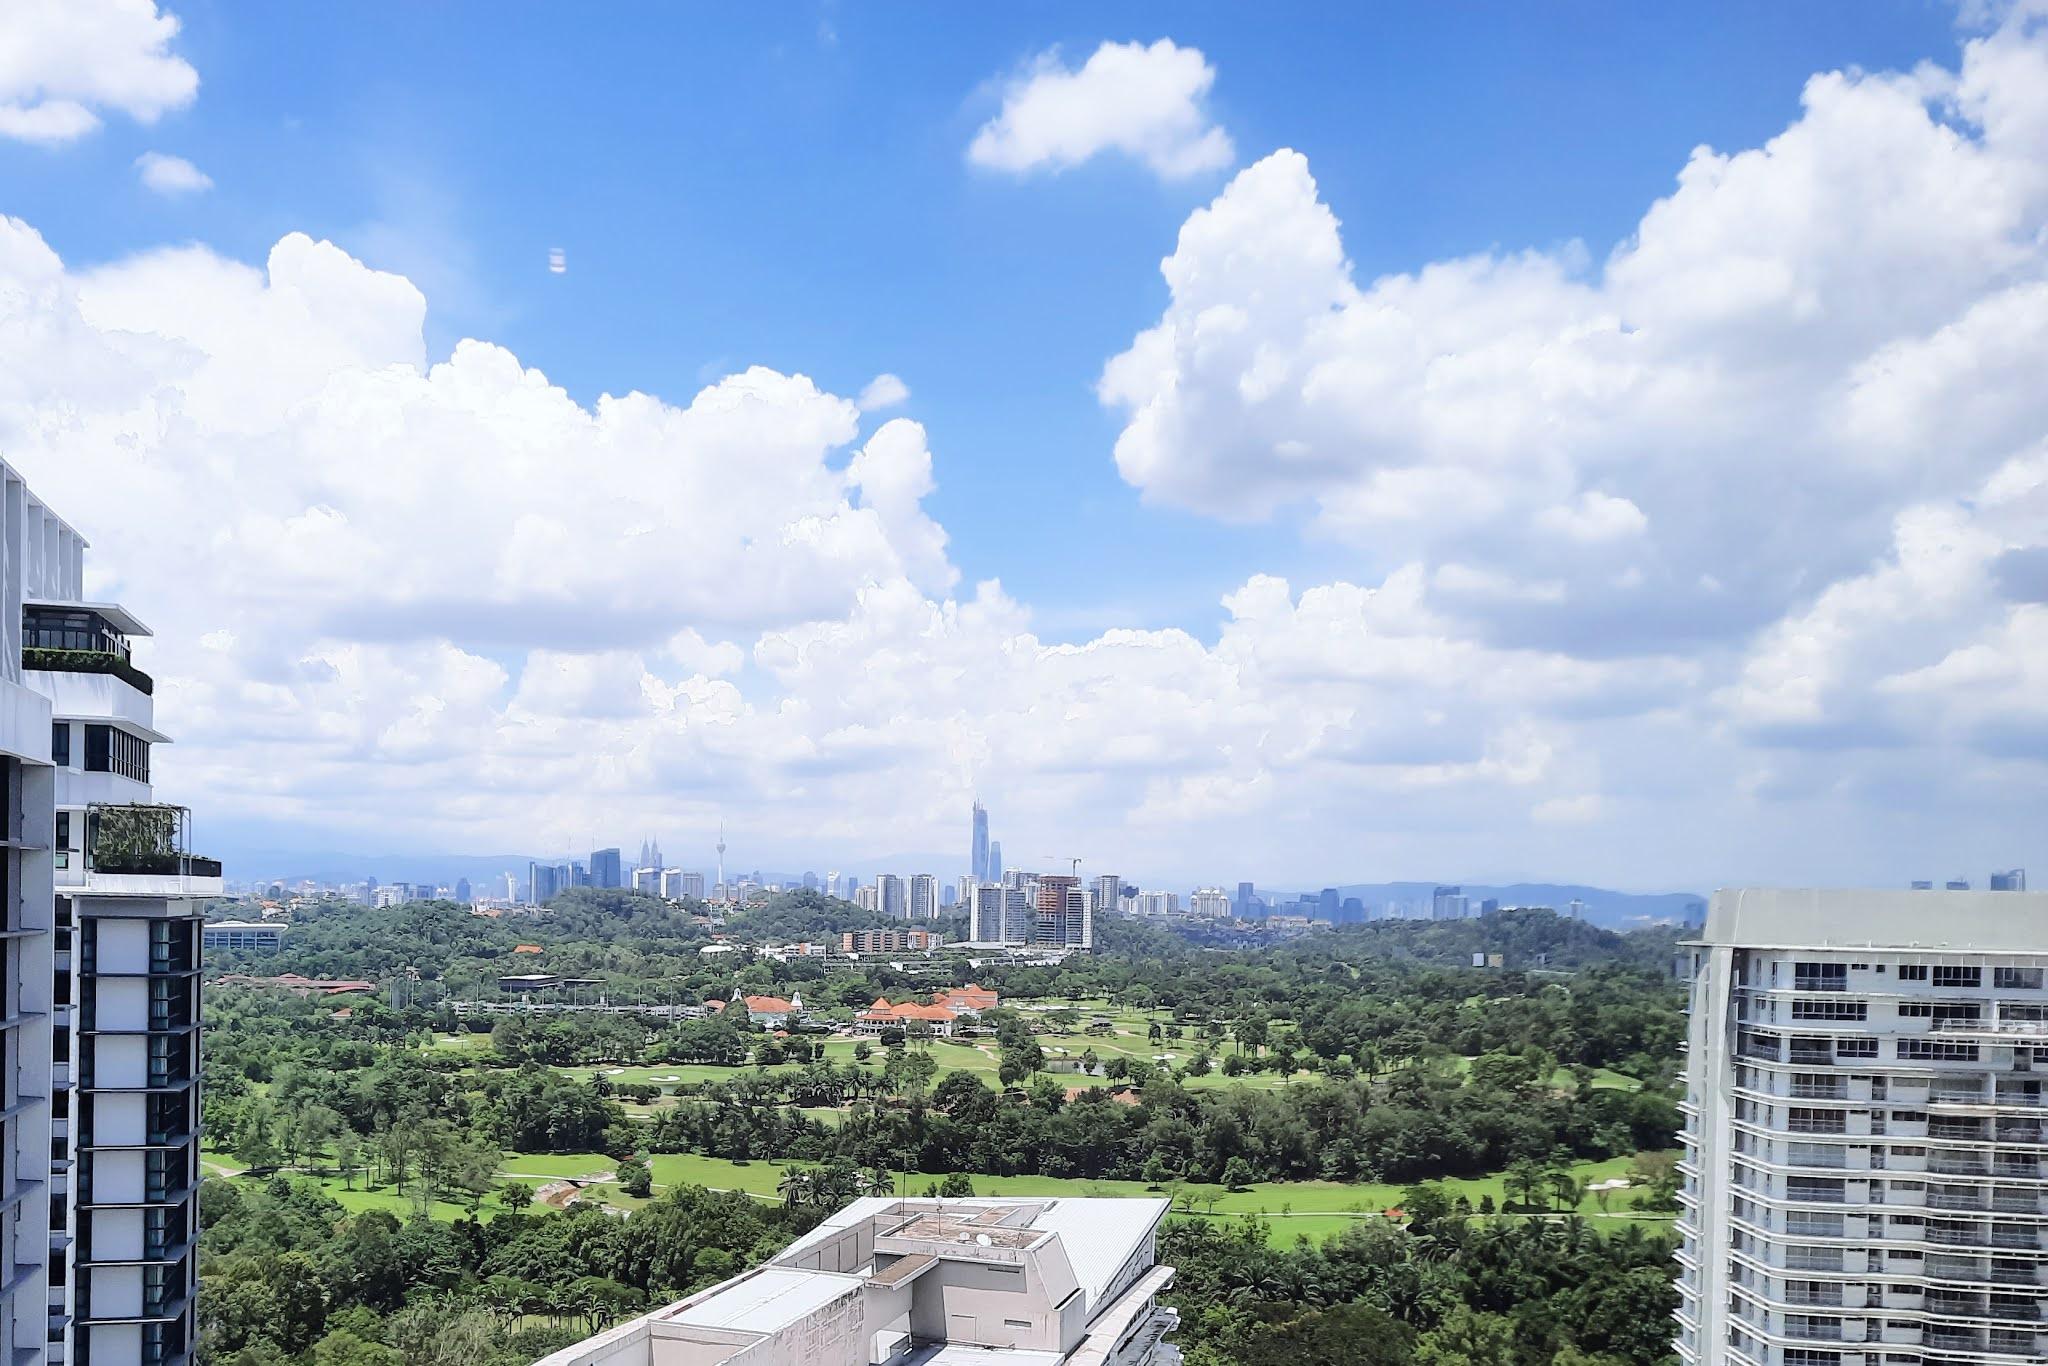 KL View from Menara LGB, TTDI